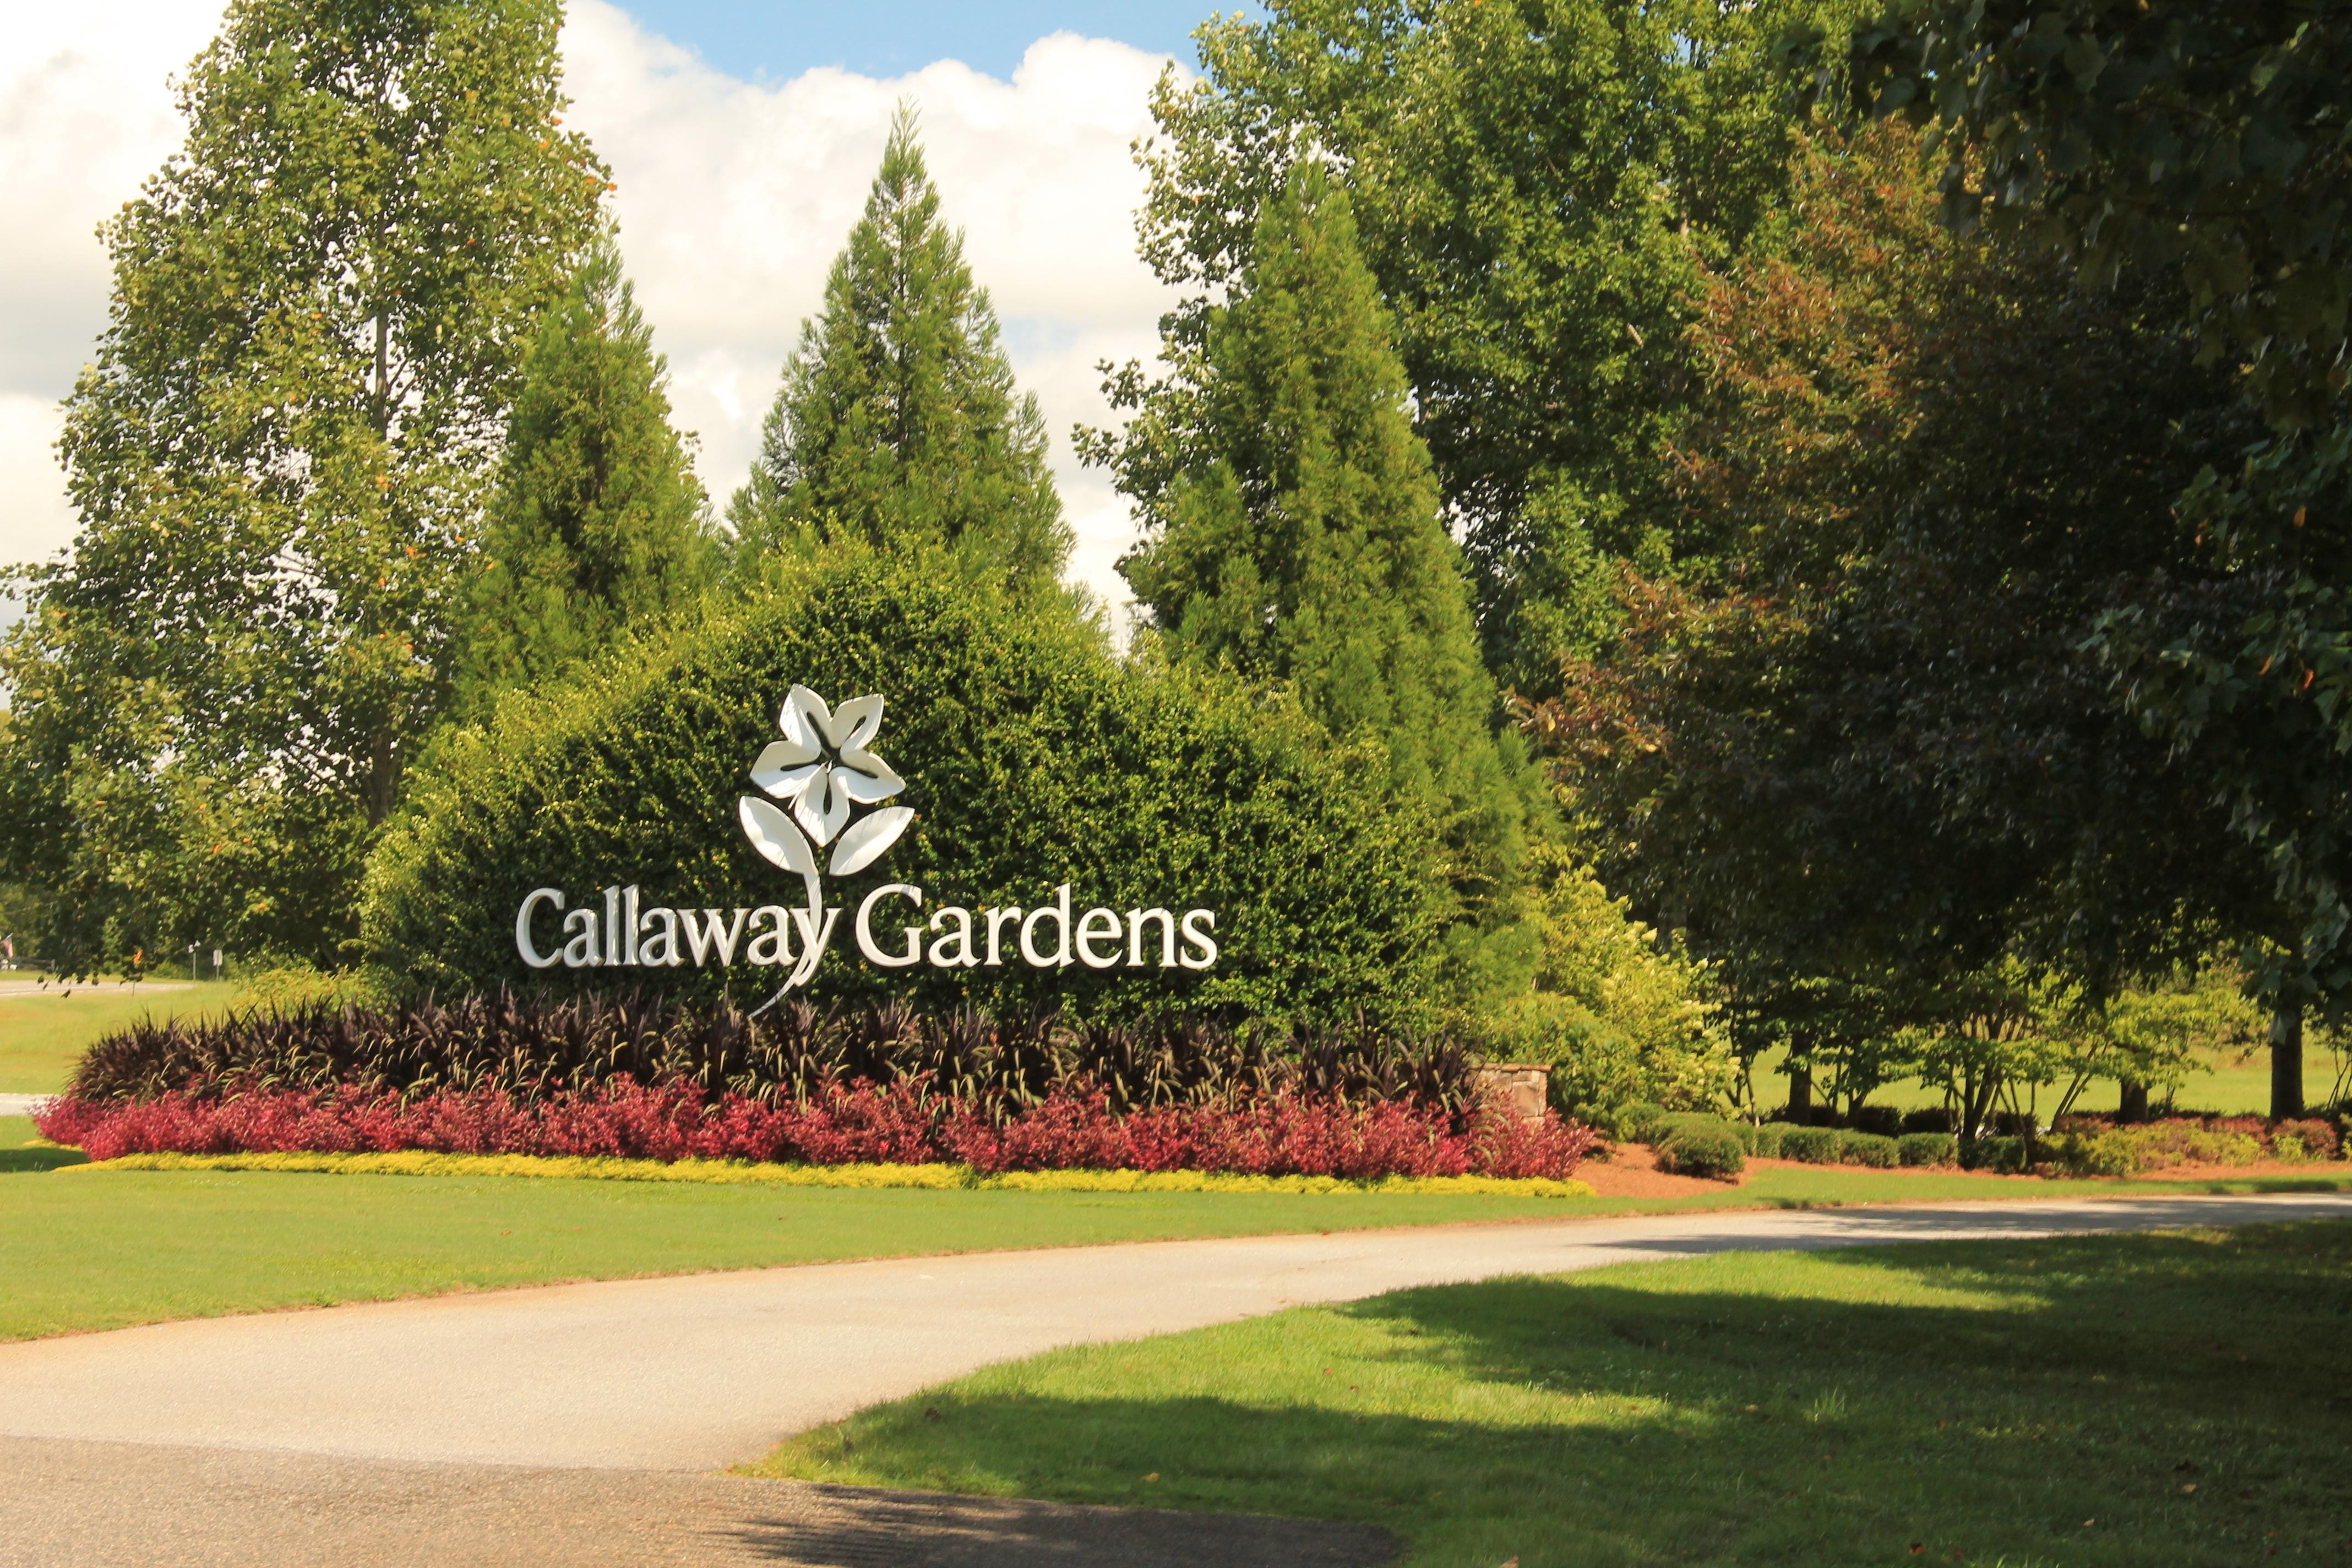 Callaway Gardens Entrance Thomas Vasas Photography